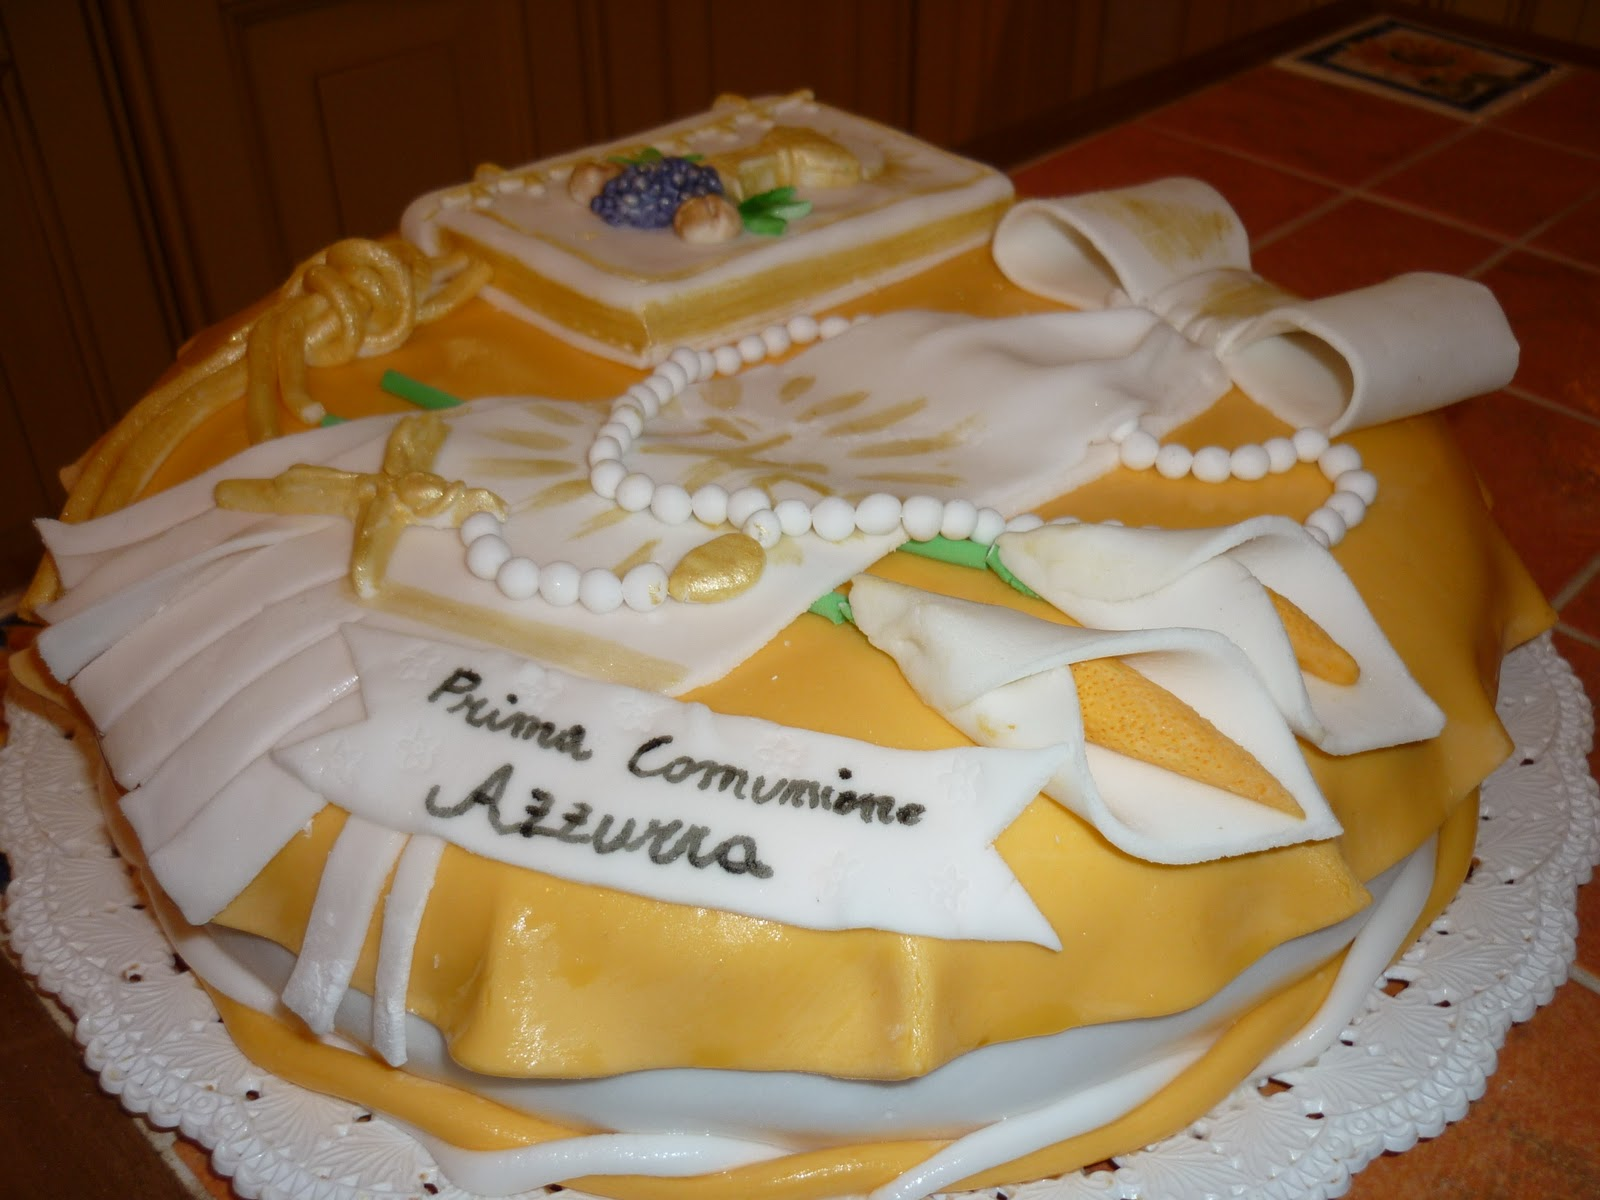 I nostri peccati di gola torte per prima comunione for Decorazione torte prima comunione